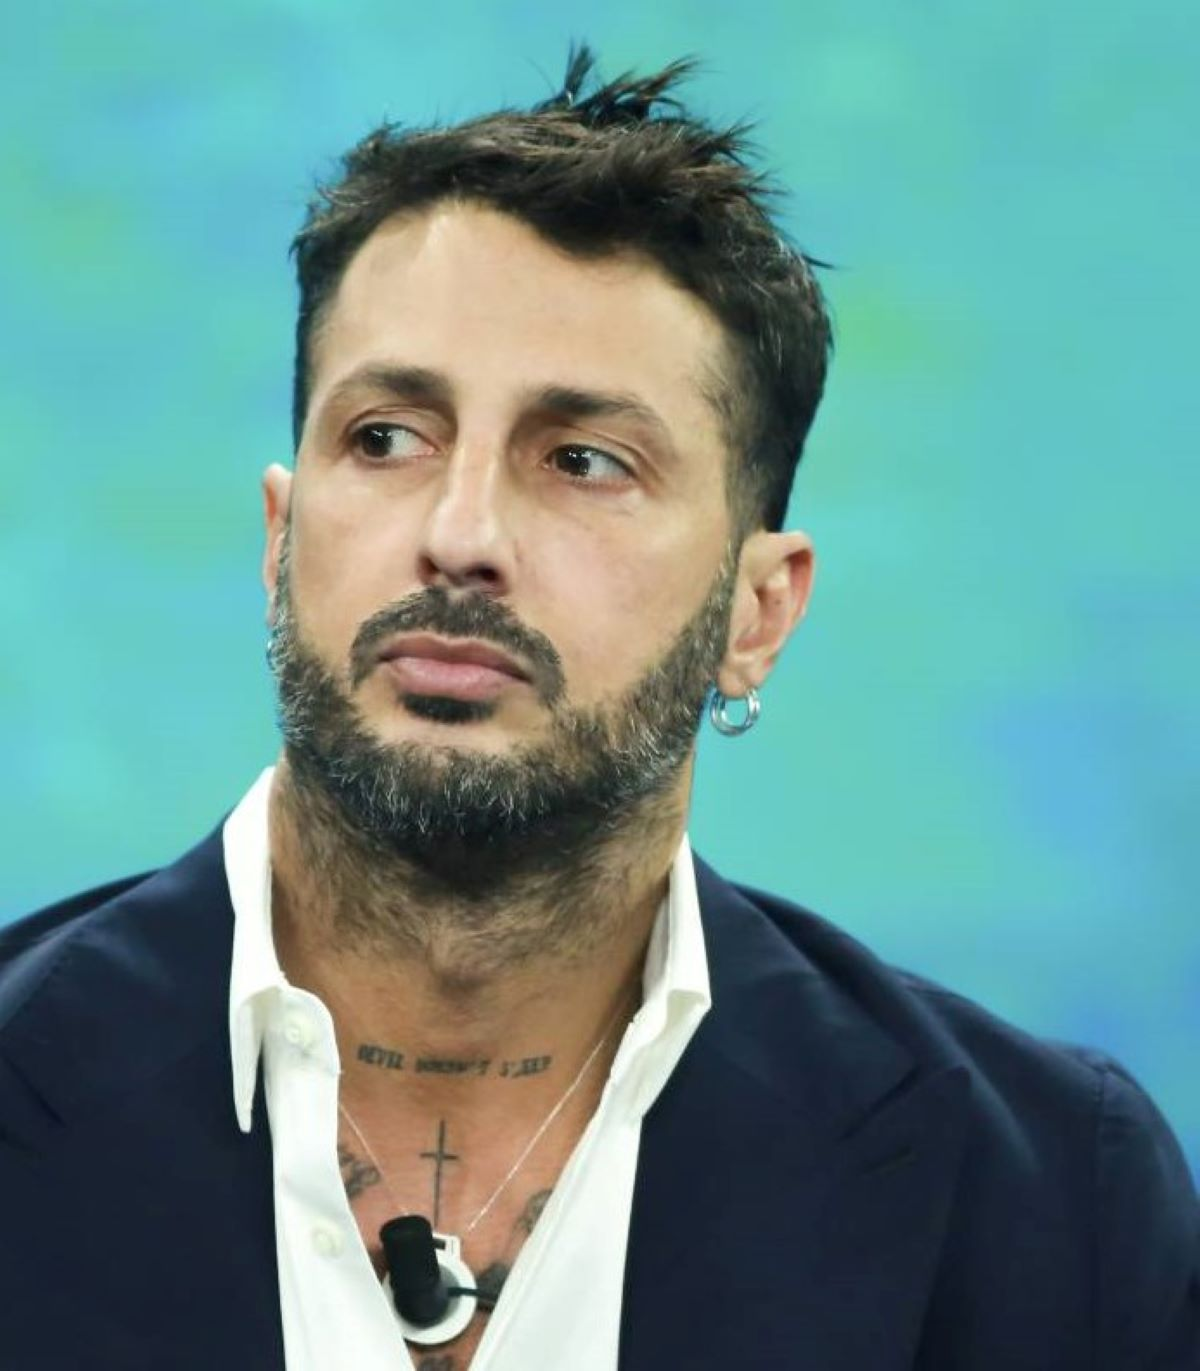 Fabrizio Corona Nina Moric Tornati Vivere Insieme Figlio Carlos